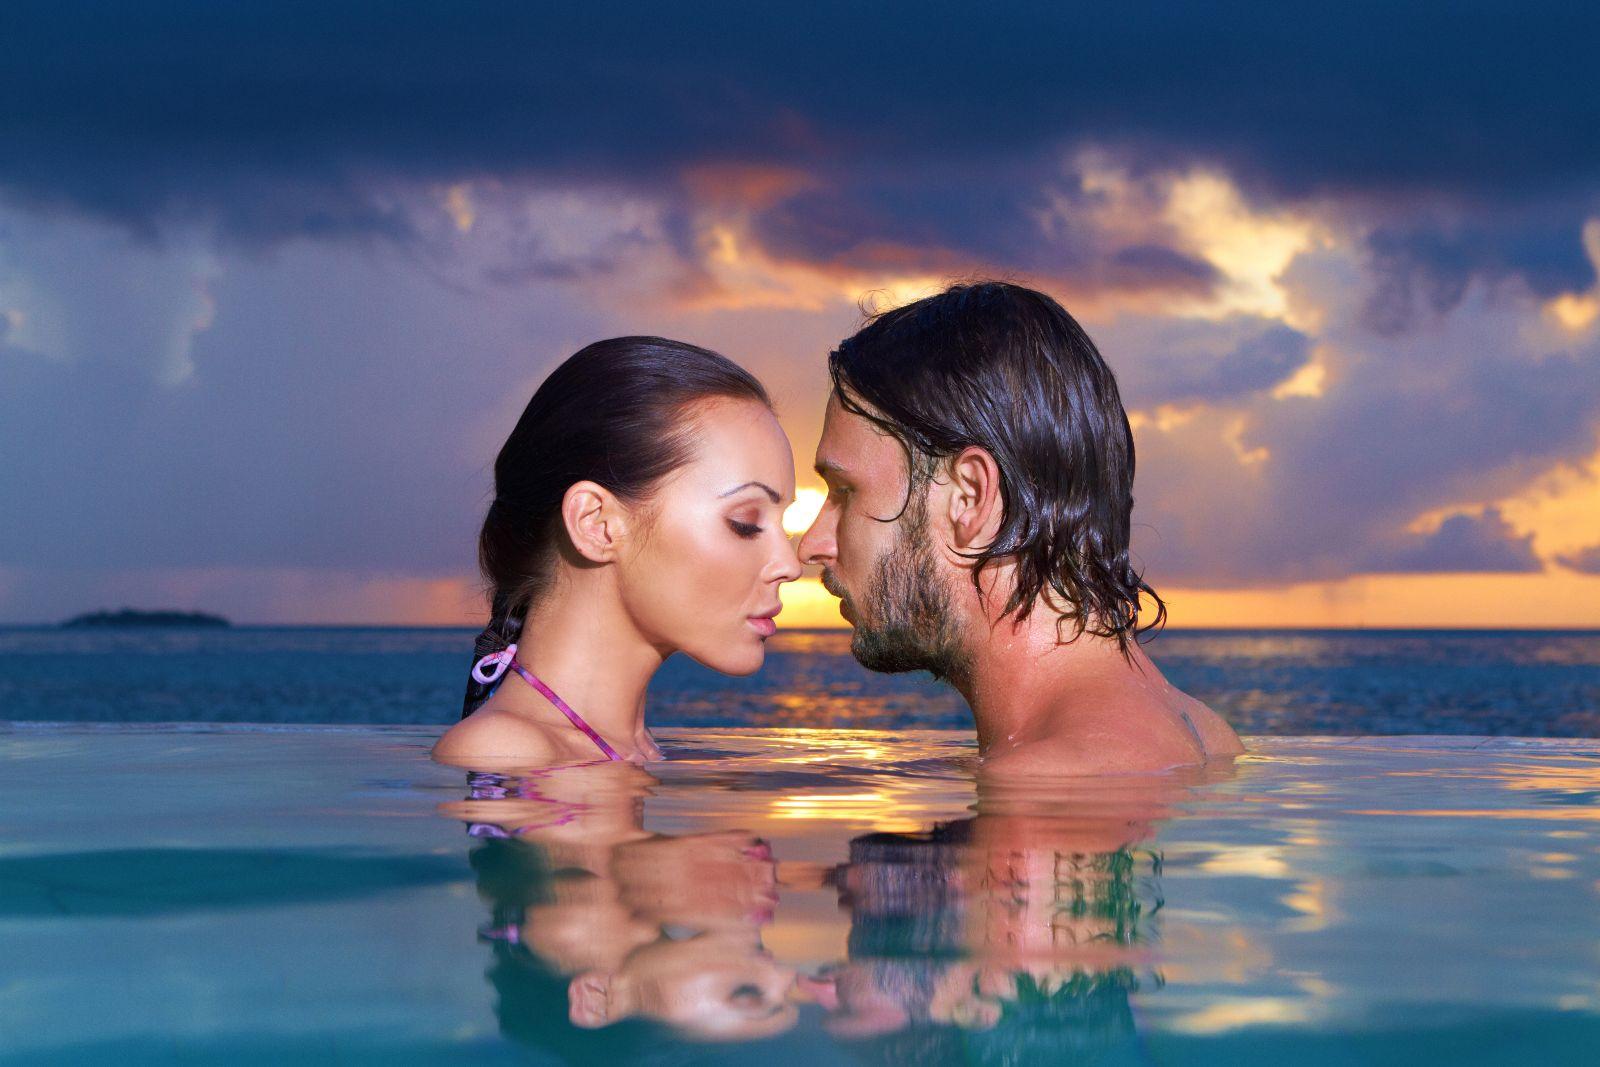 pareja abrazandose en el agua con una playa en el fondo